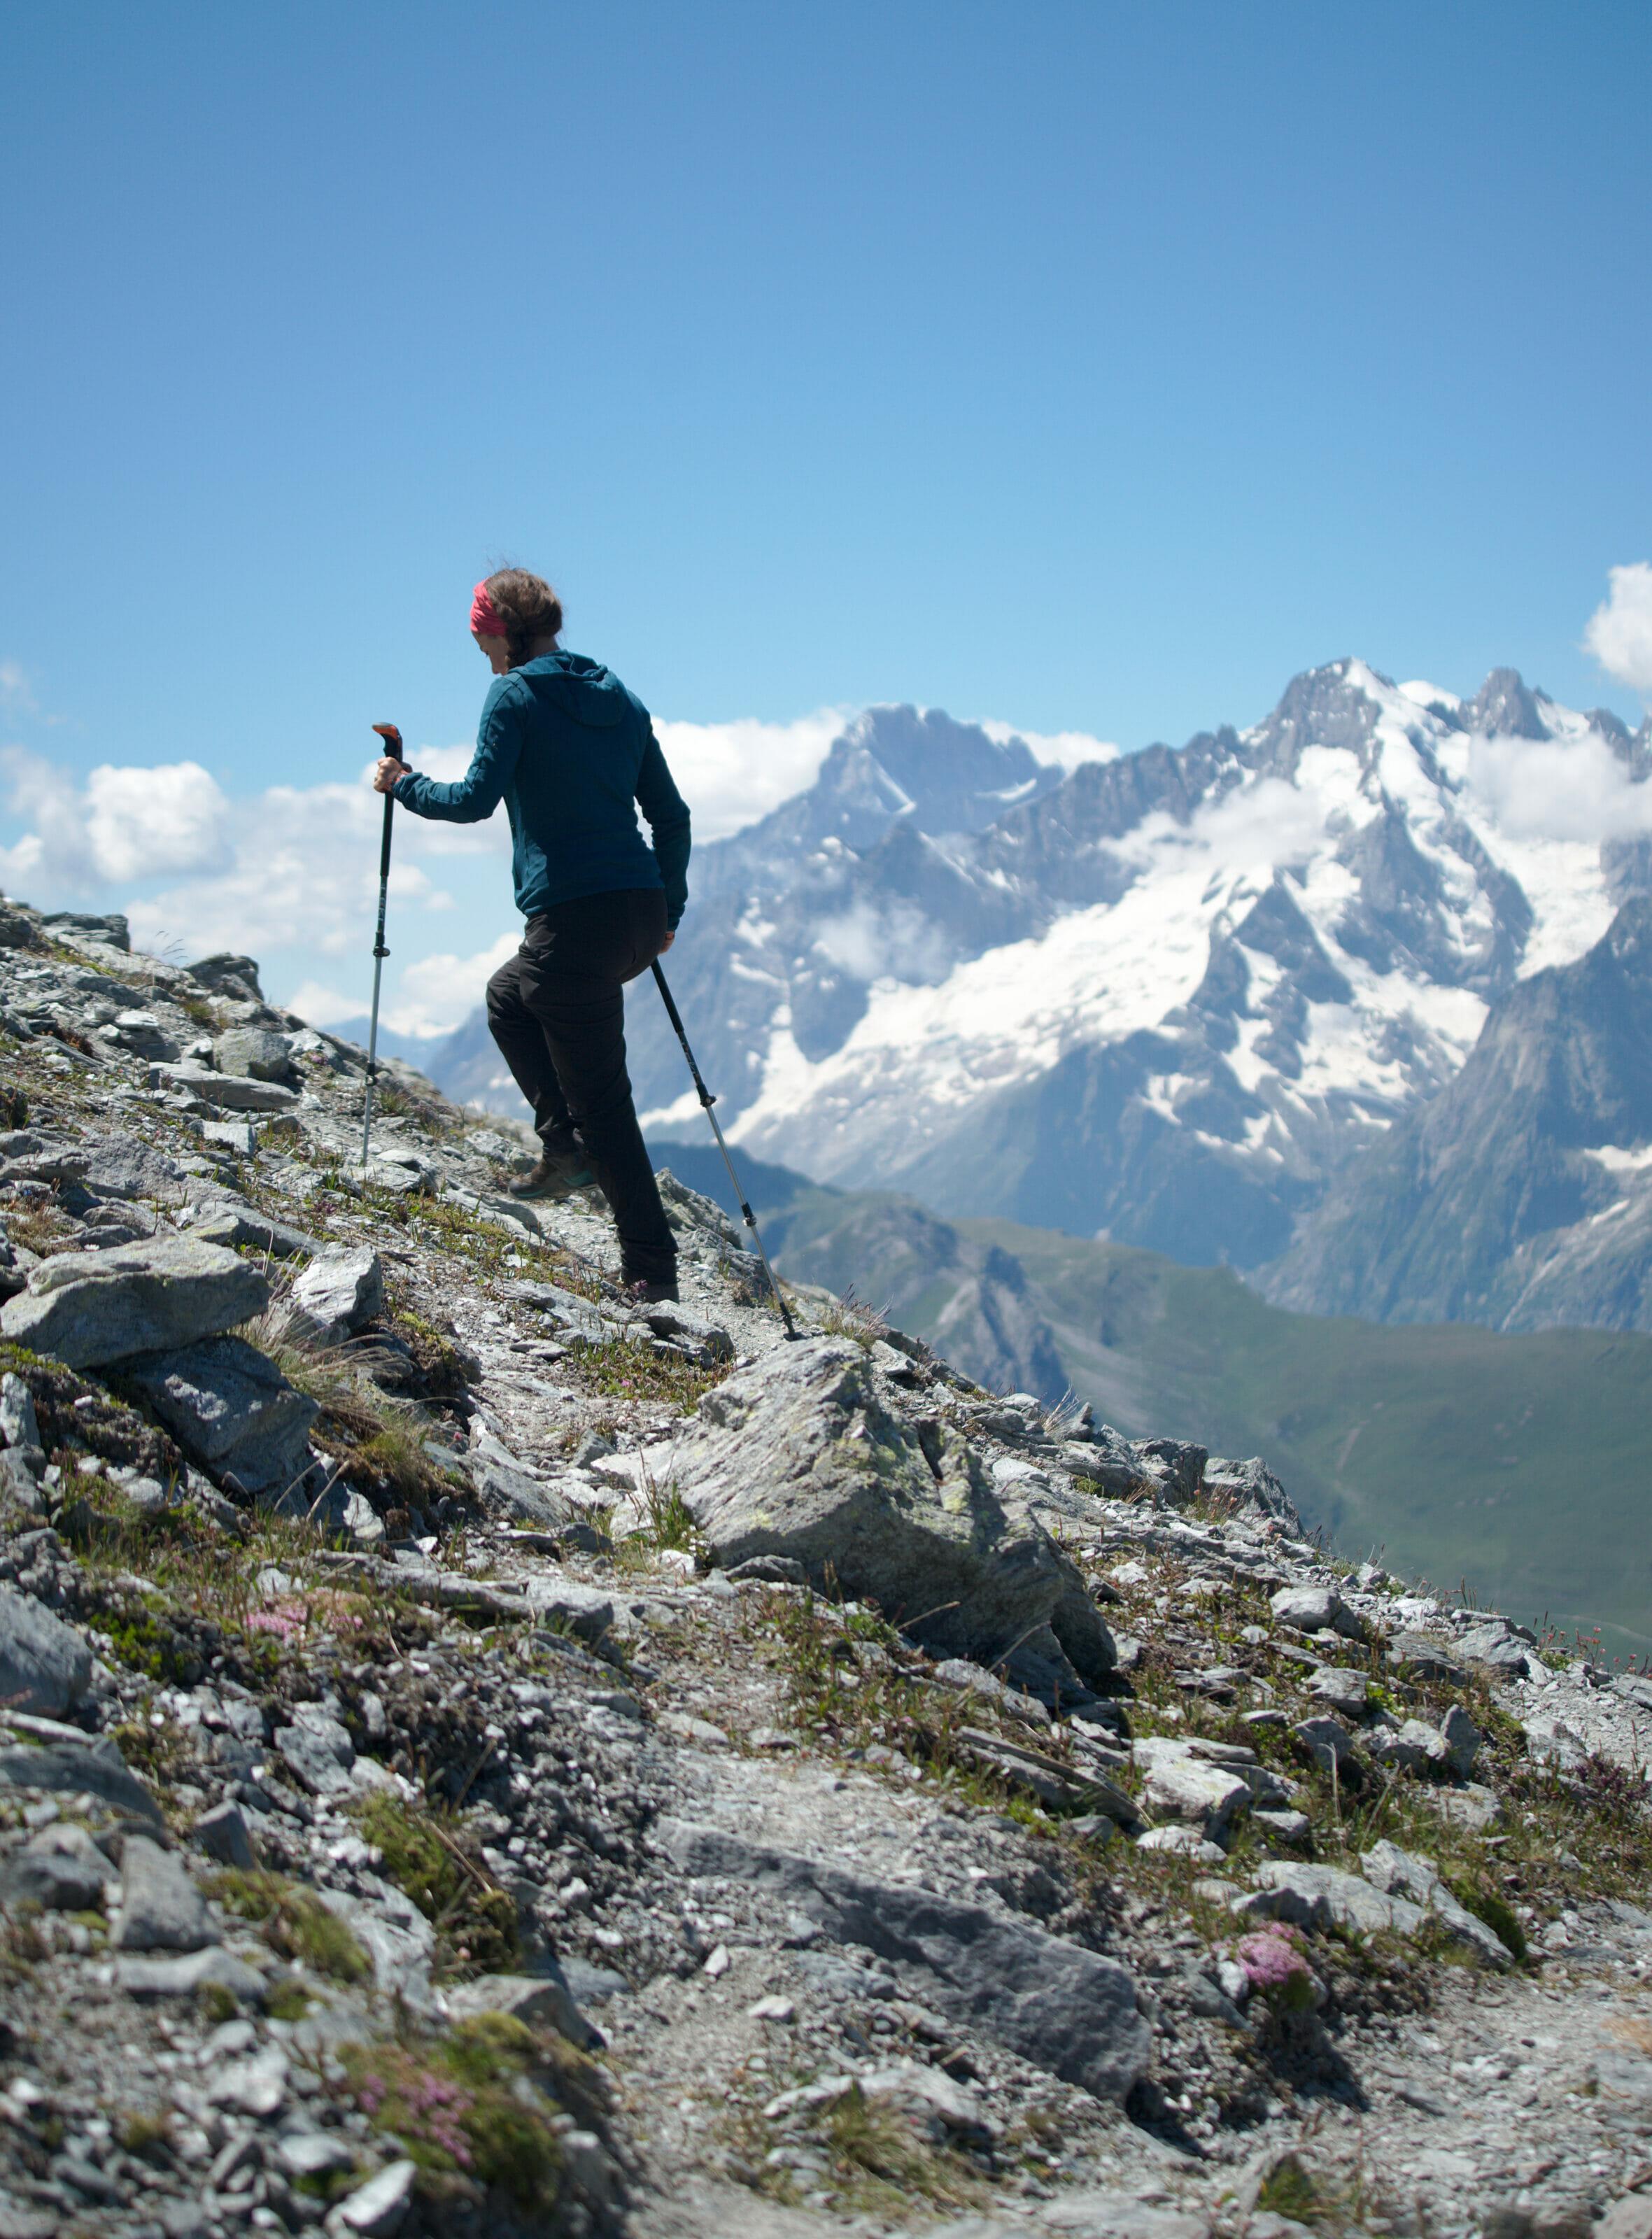 chemin de randonnée suisse